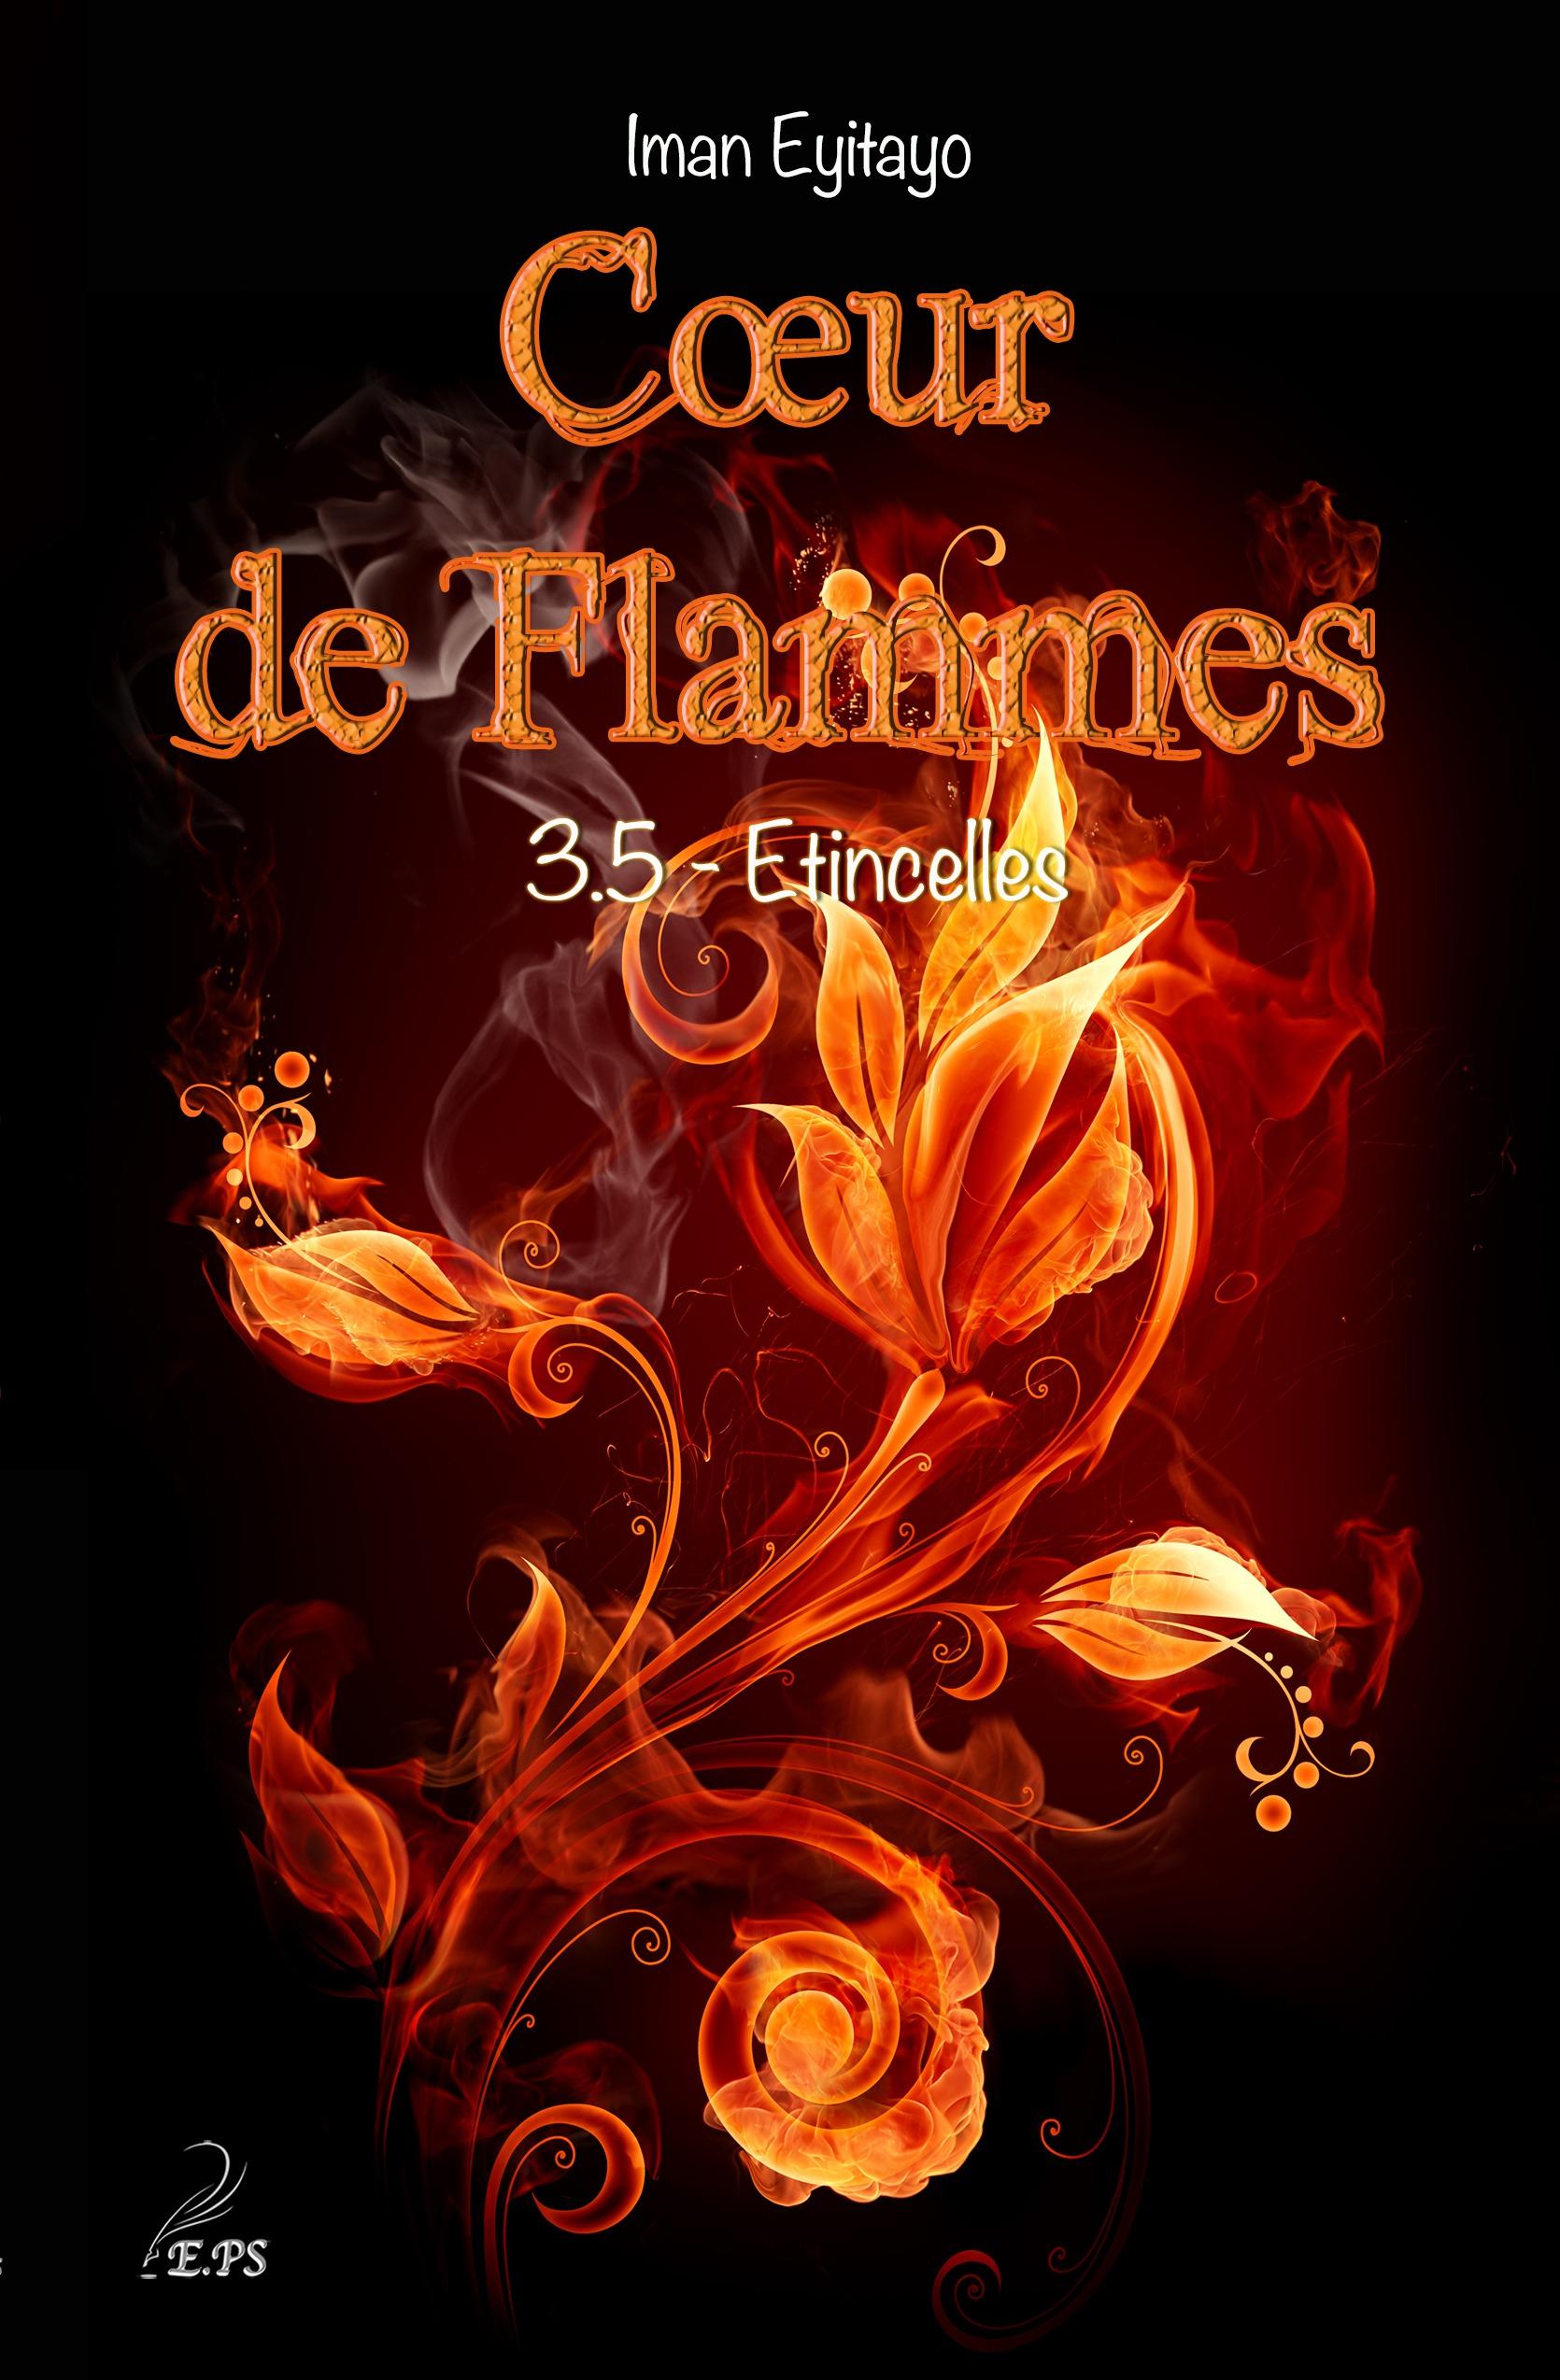 Coeur de flammes, Tome 3.5, ÉTINCELLES